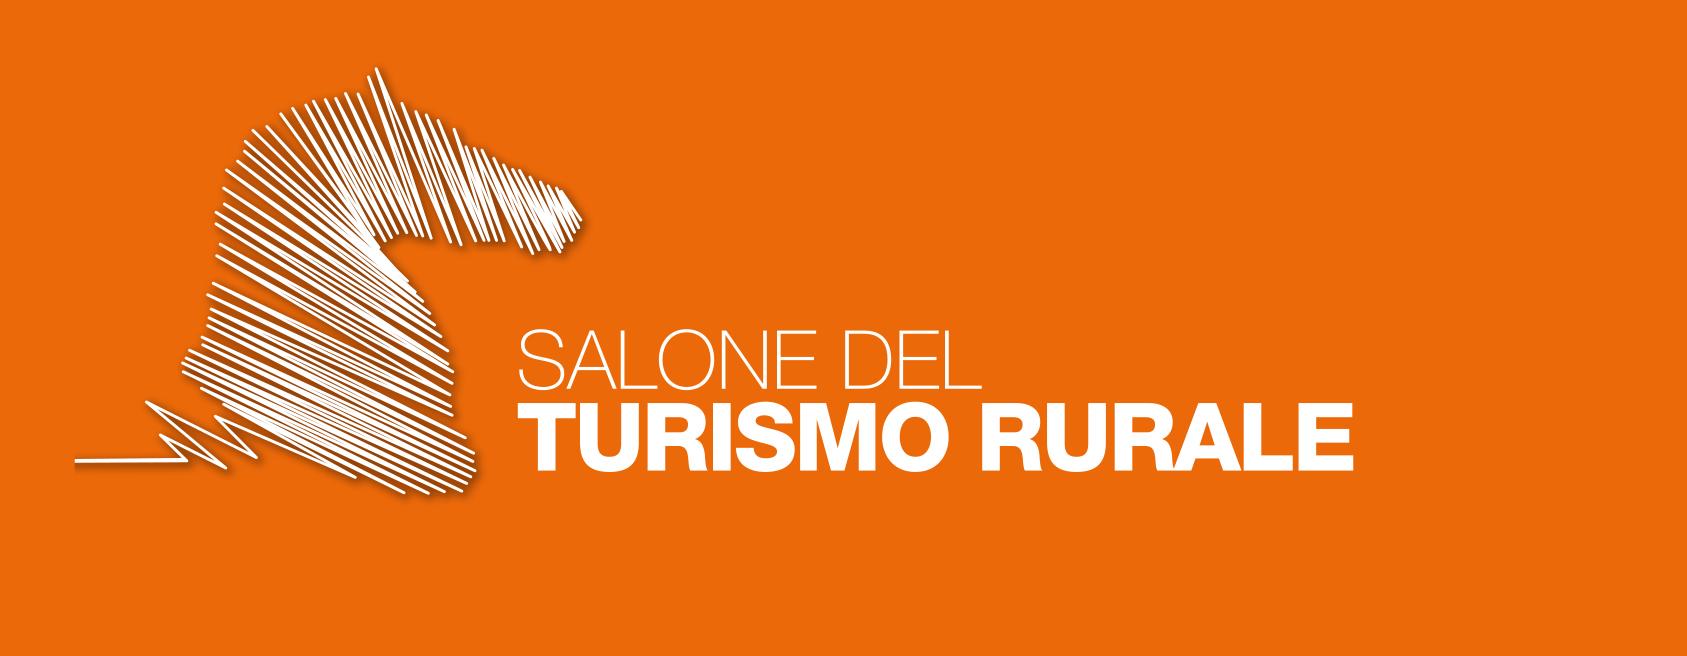 Locandina del Salone del Turismo Rurale